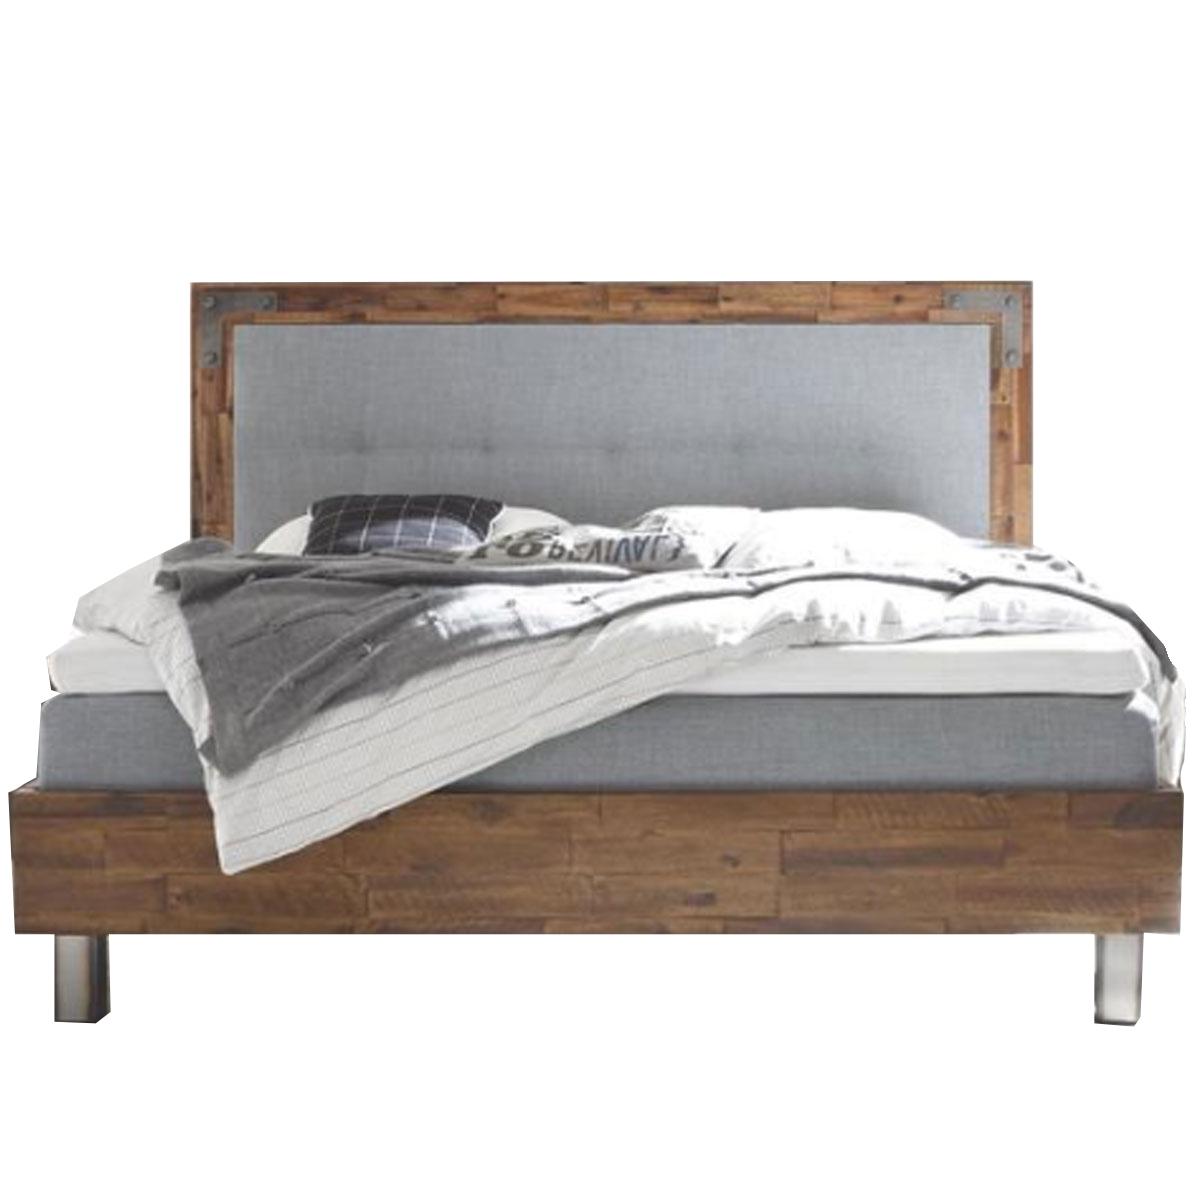 Full Size of Bett Vintage Halbhohes Stauraum 200x200 Ebay Betten Ruf Preise 140x200 Weiß Ausziehbares Bette Duschwanne Weiße 120x200 Mit Bettkasten Treca 160x200 Komplett Bett Bett Vintage